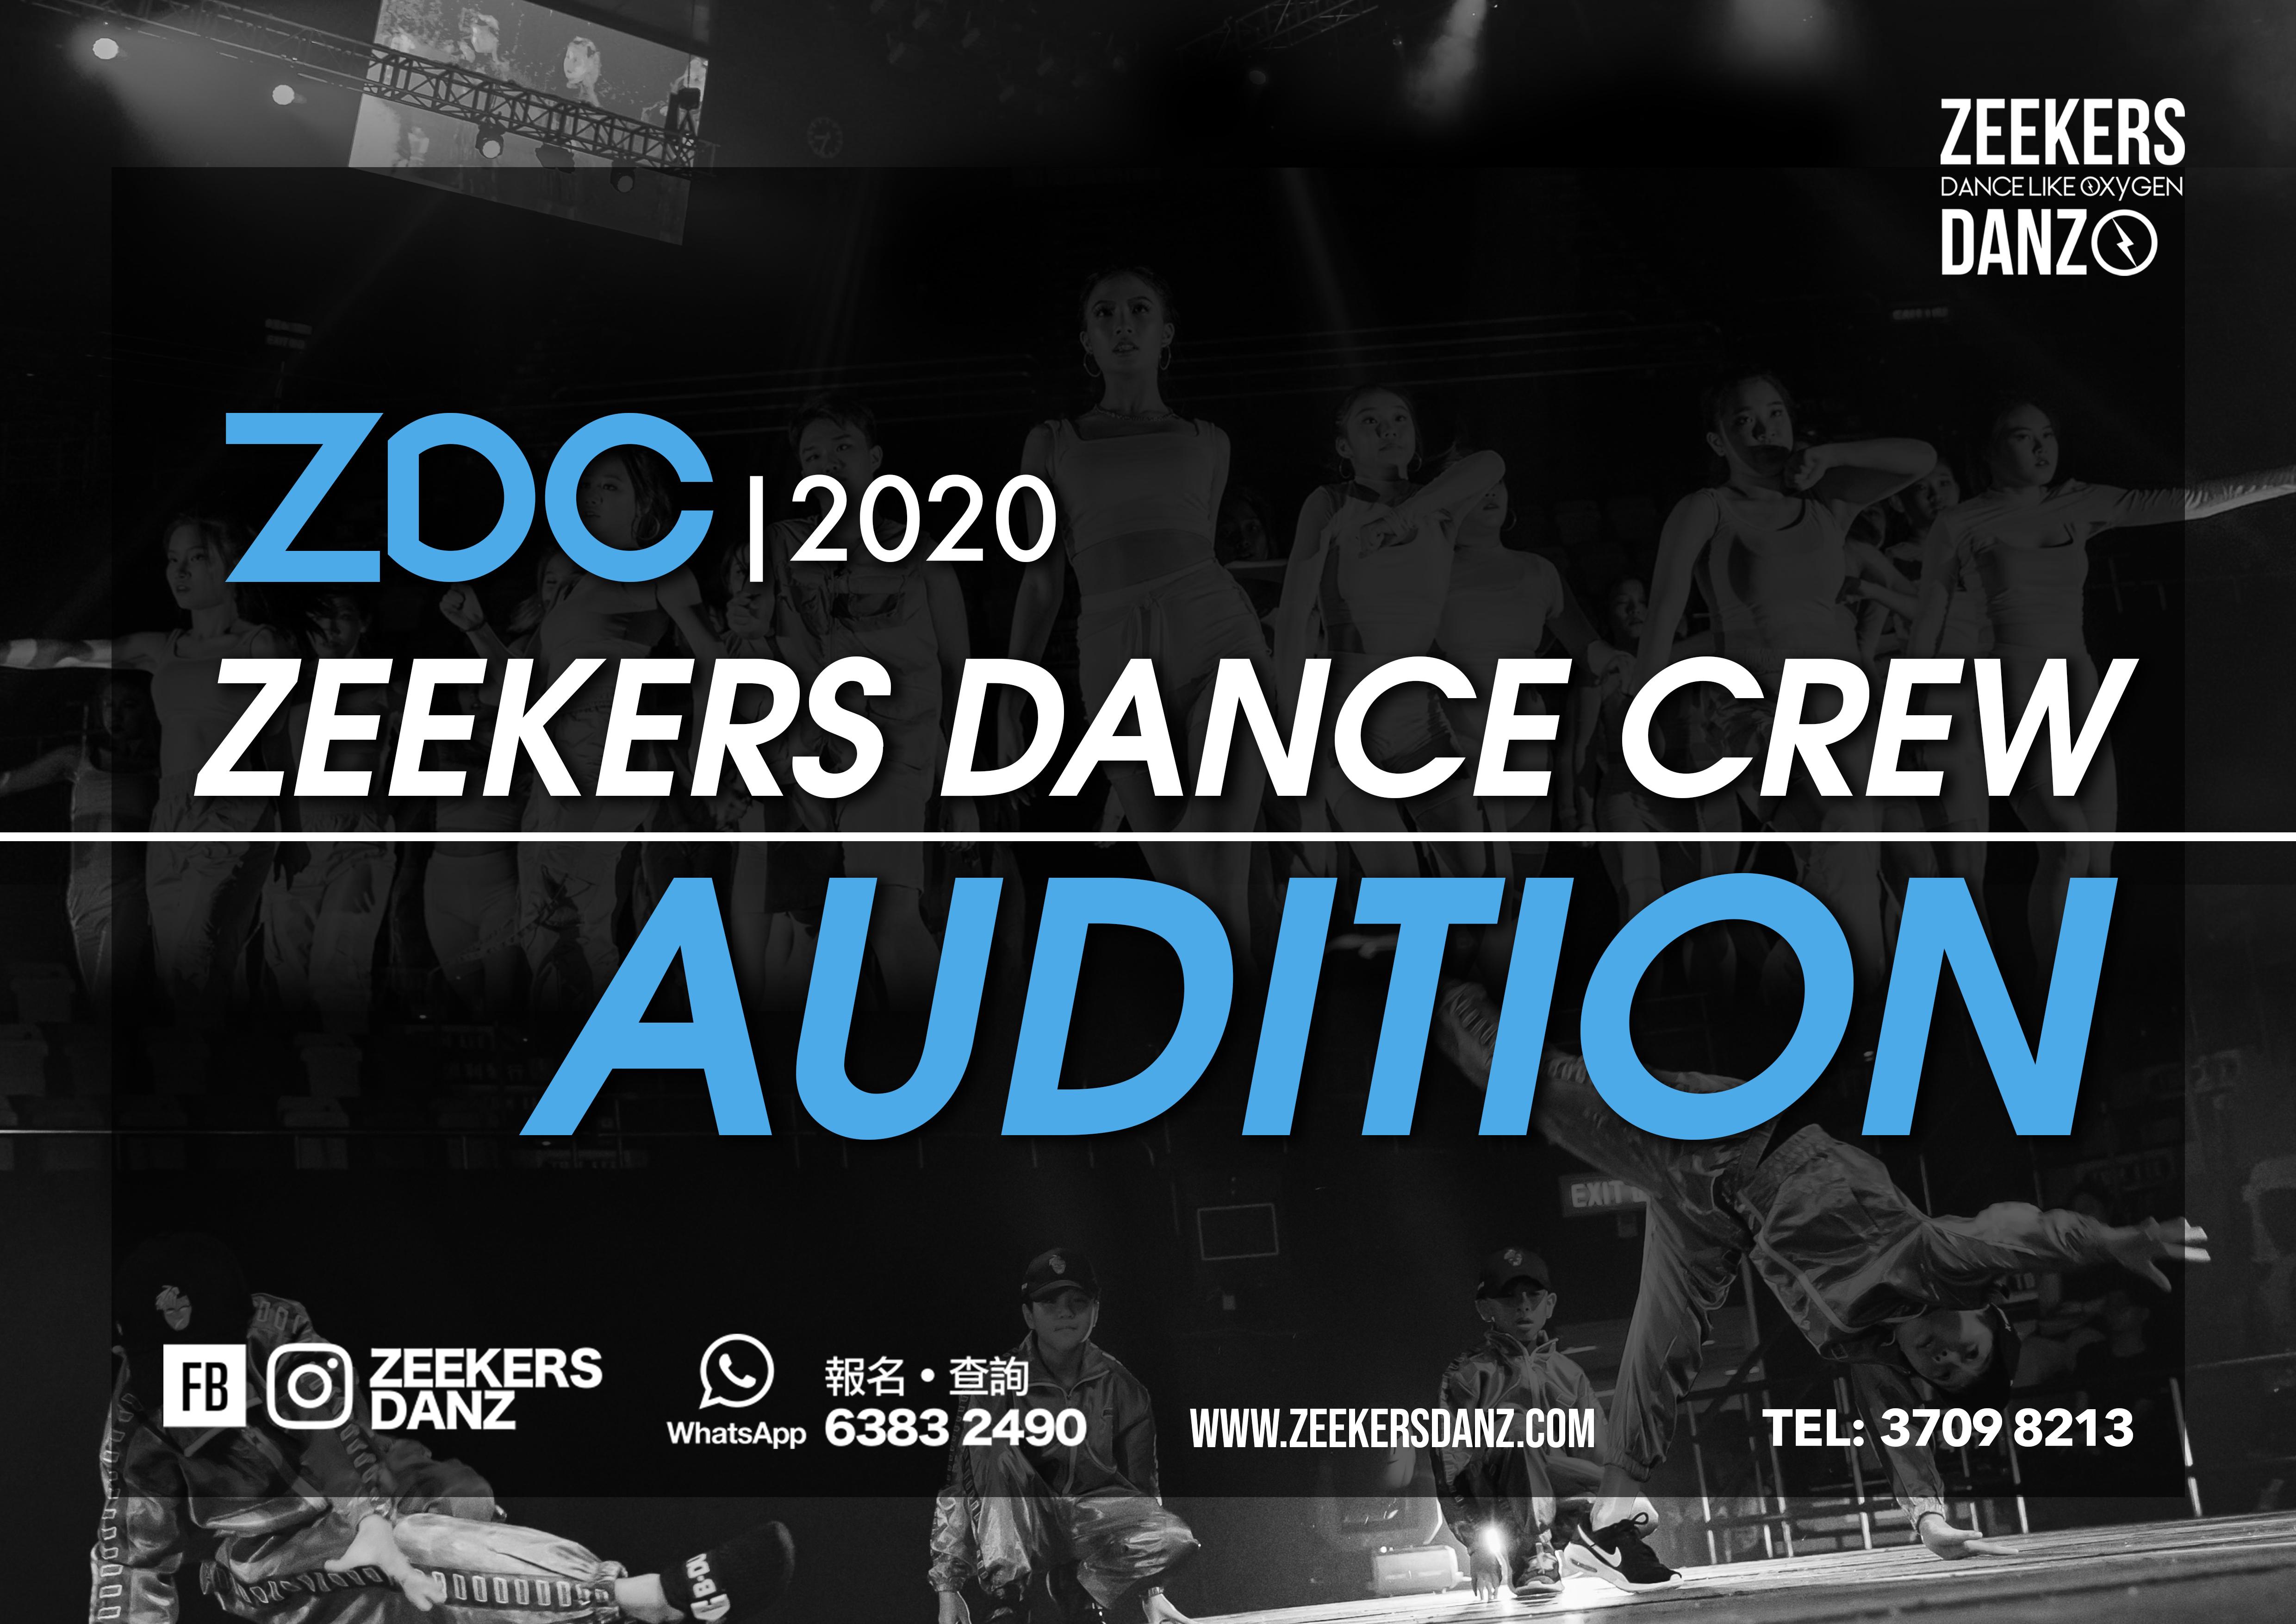 ZDC_AUDITION 2020